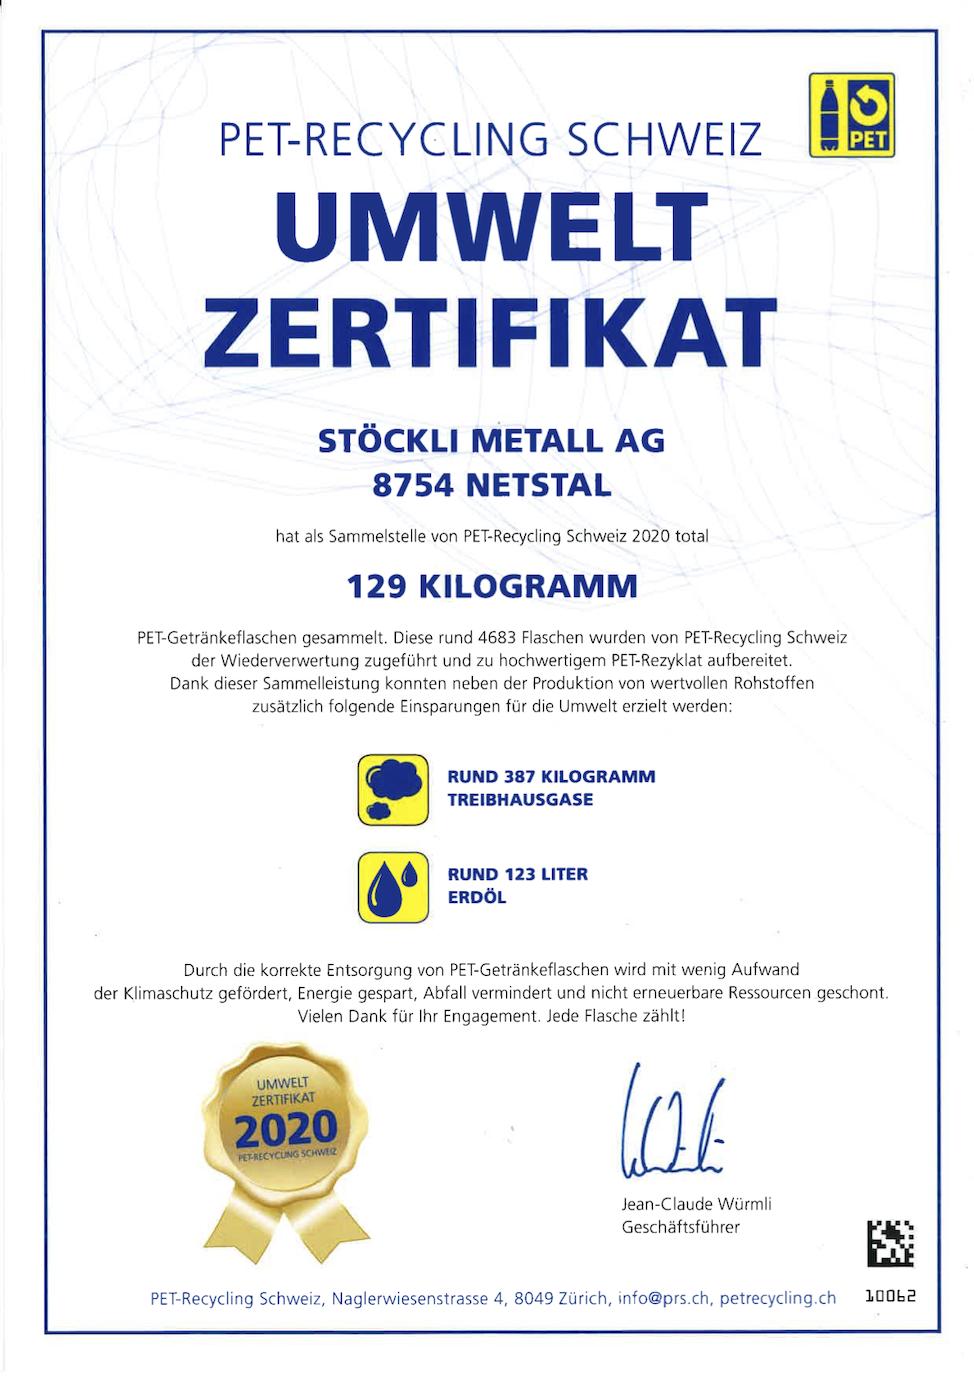 Umweltzertifikat PET-Recycling Schweiz 2020